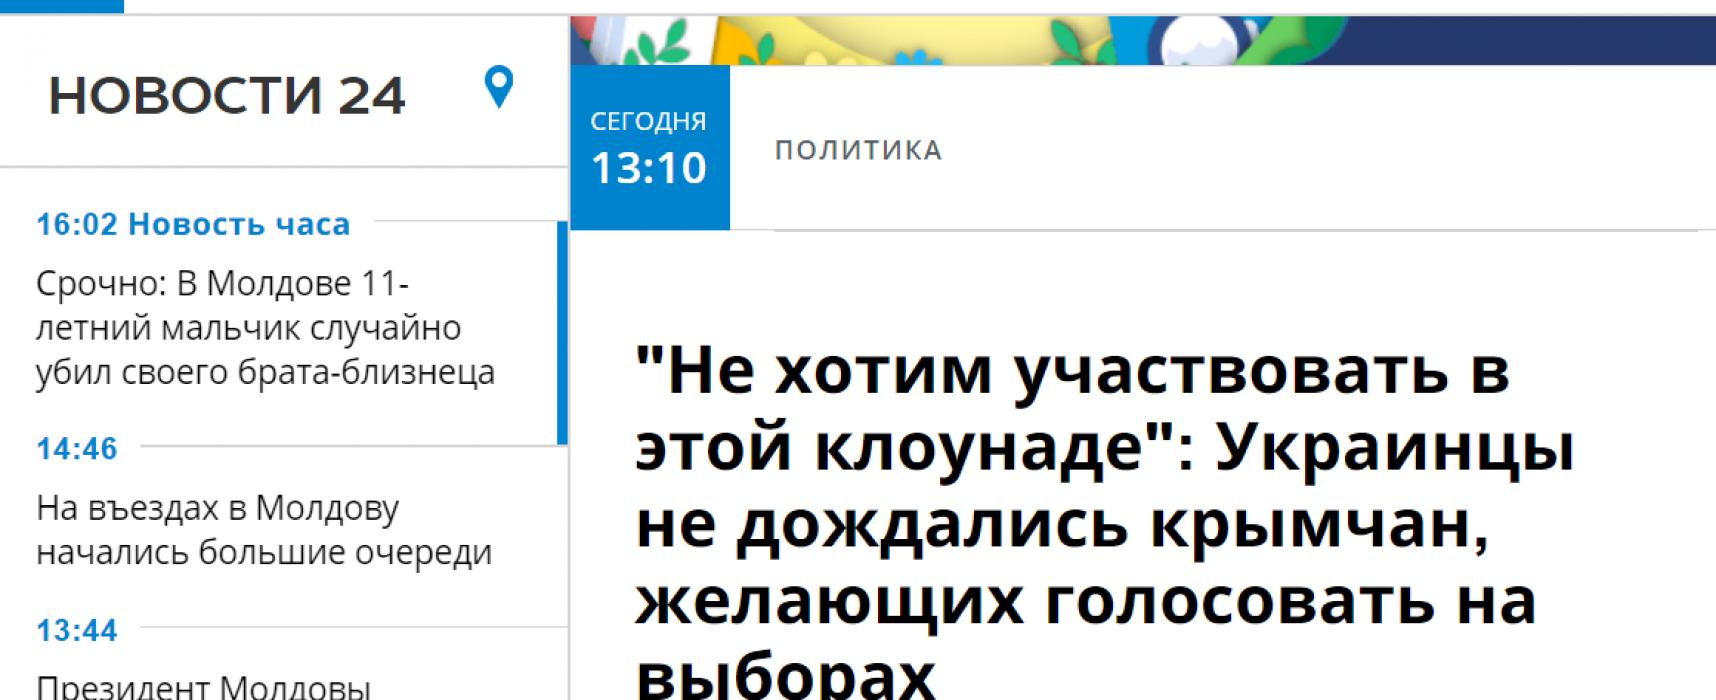 Фейк: Кримчани ігнорують другий тур виборів президента України